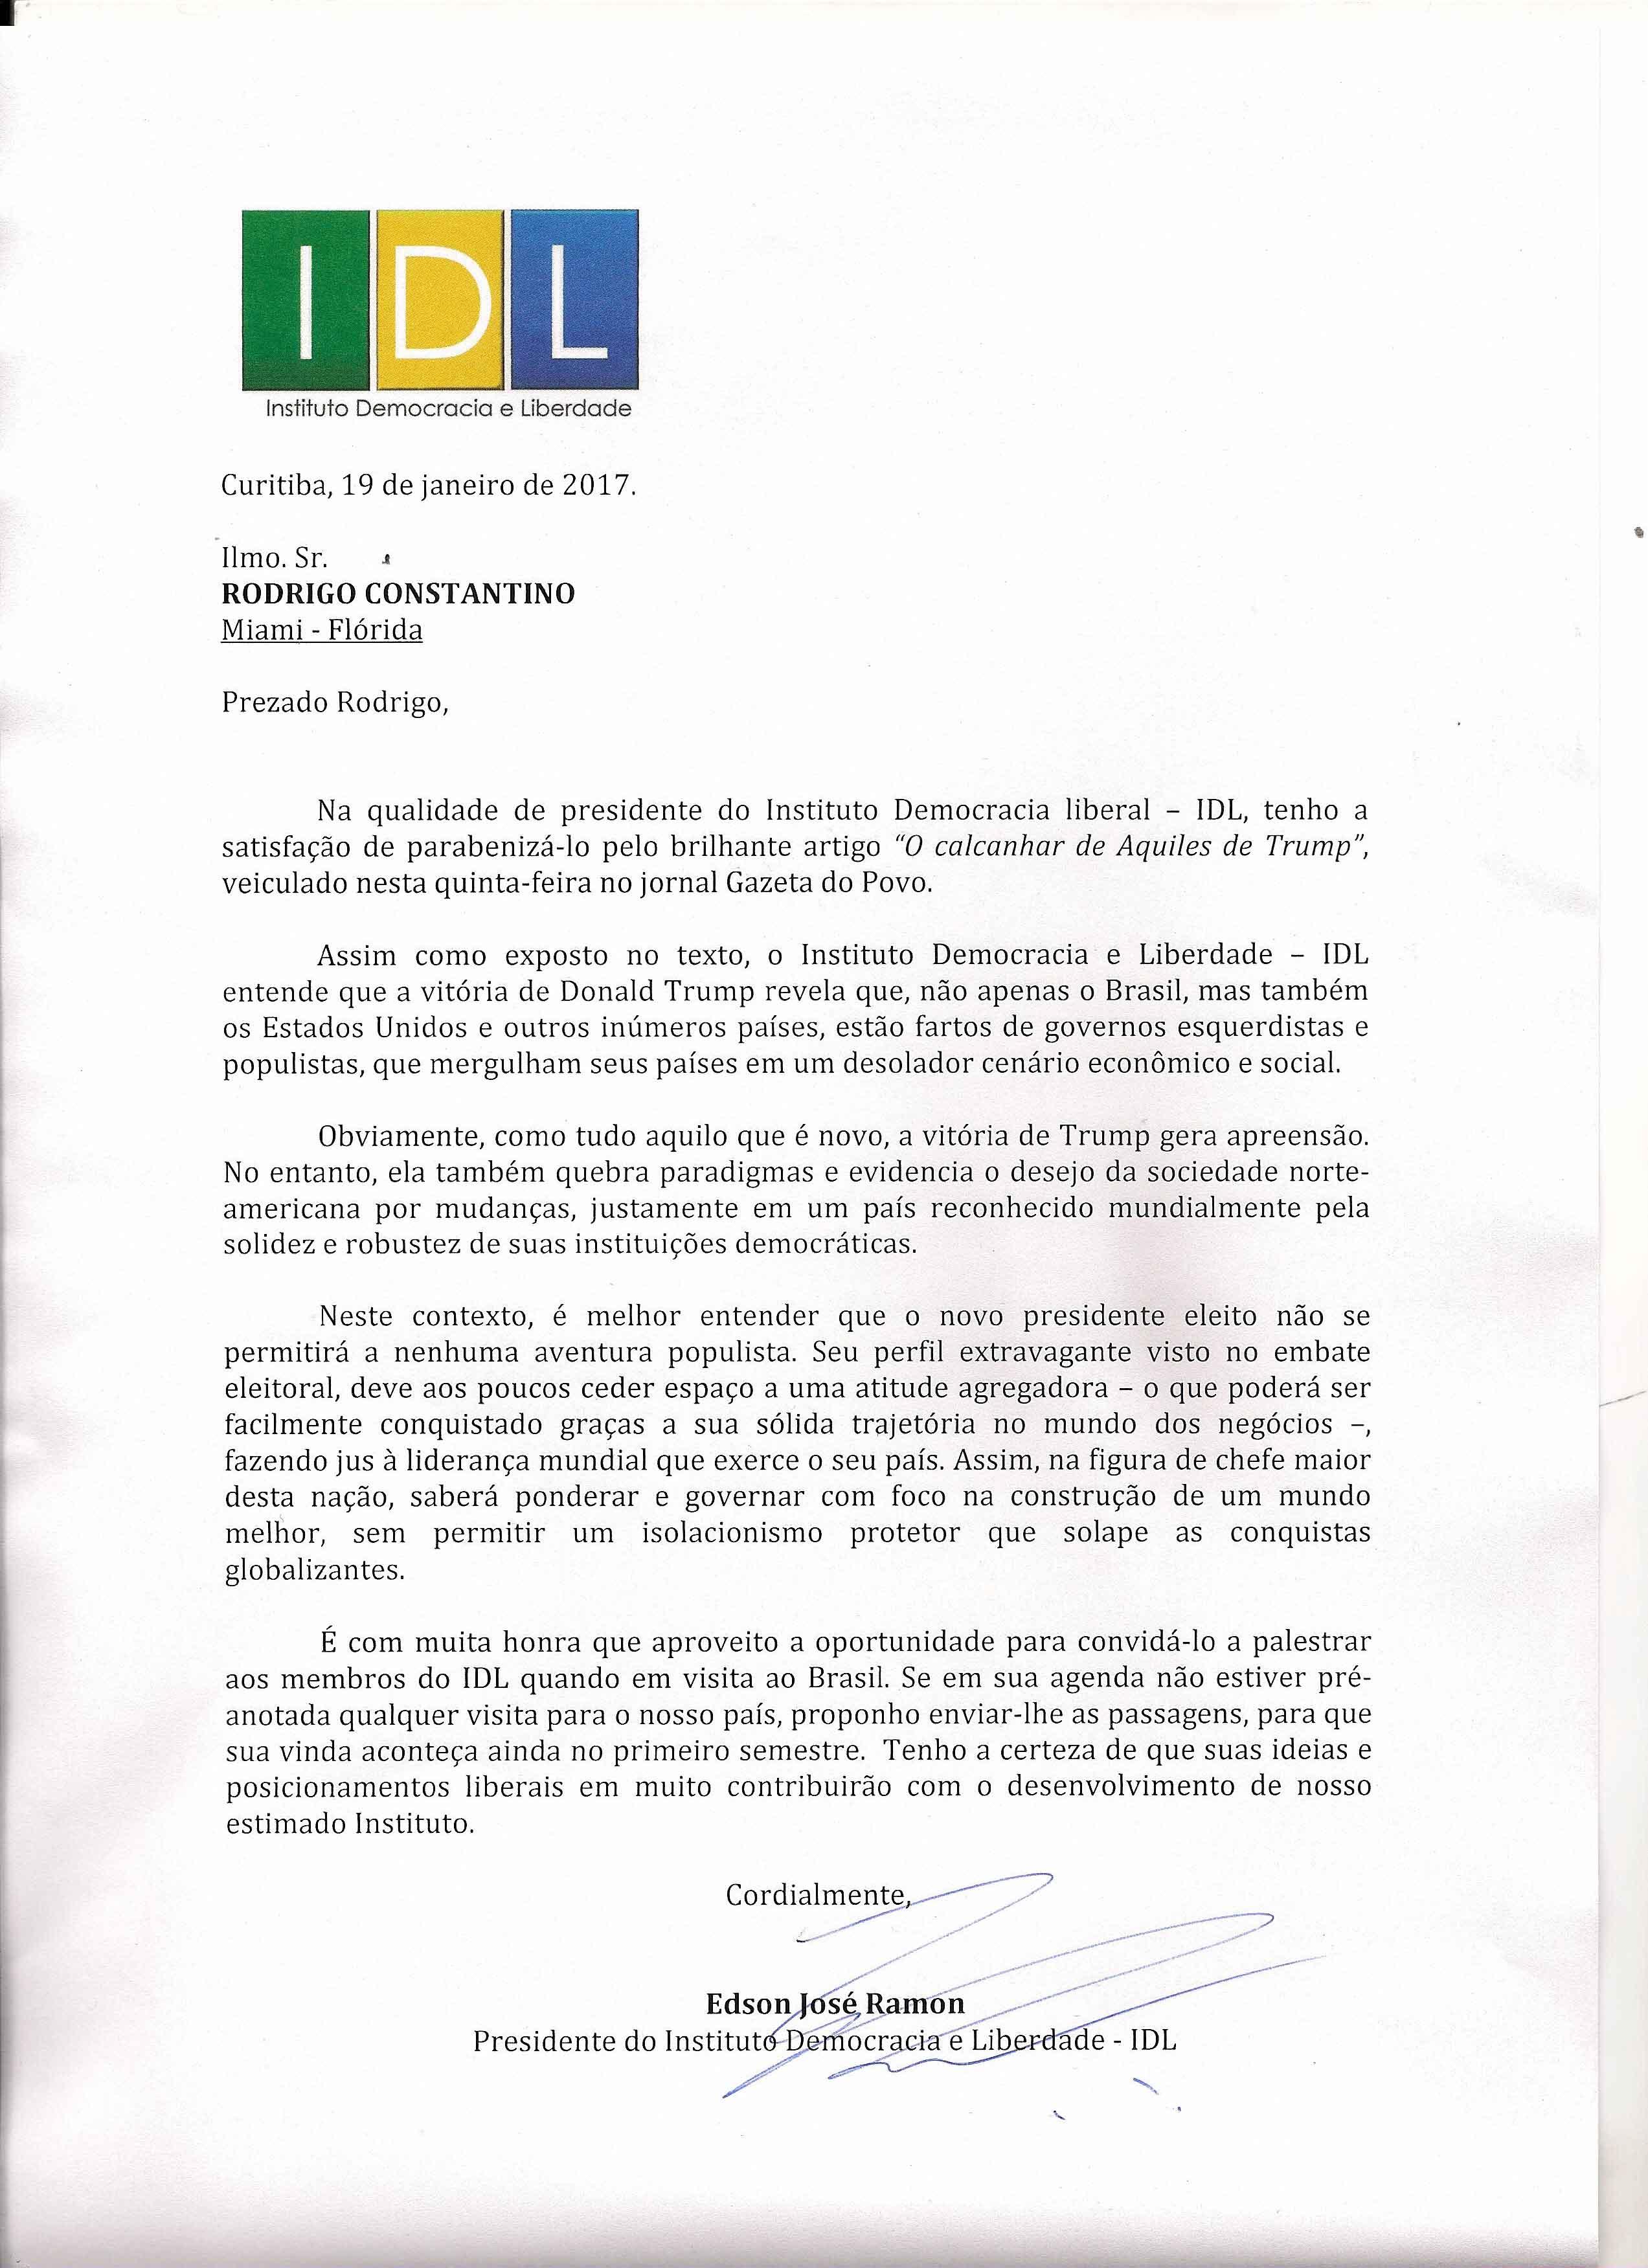 Carta Rodrigo Constantino0001